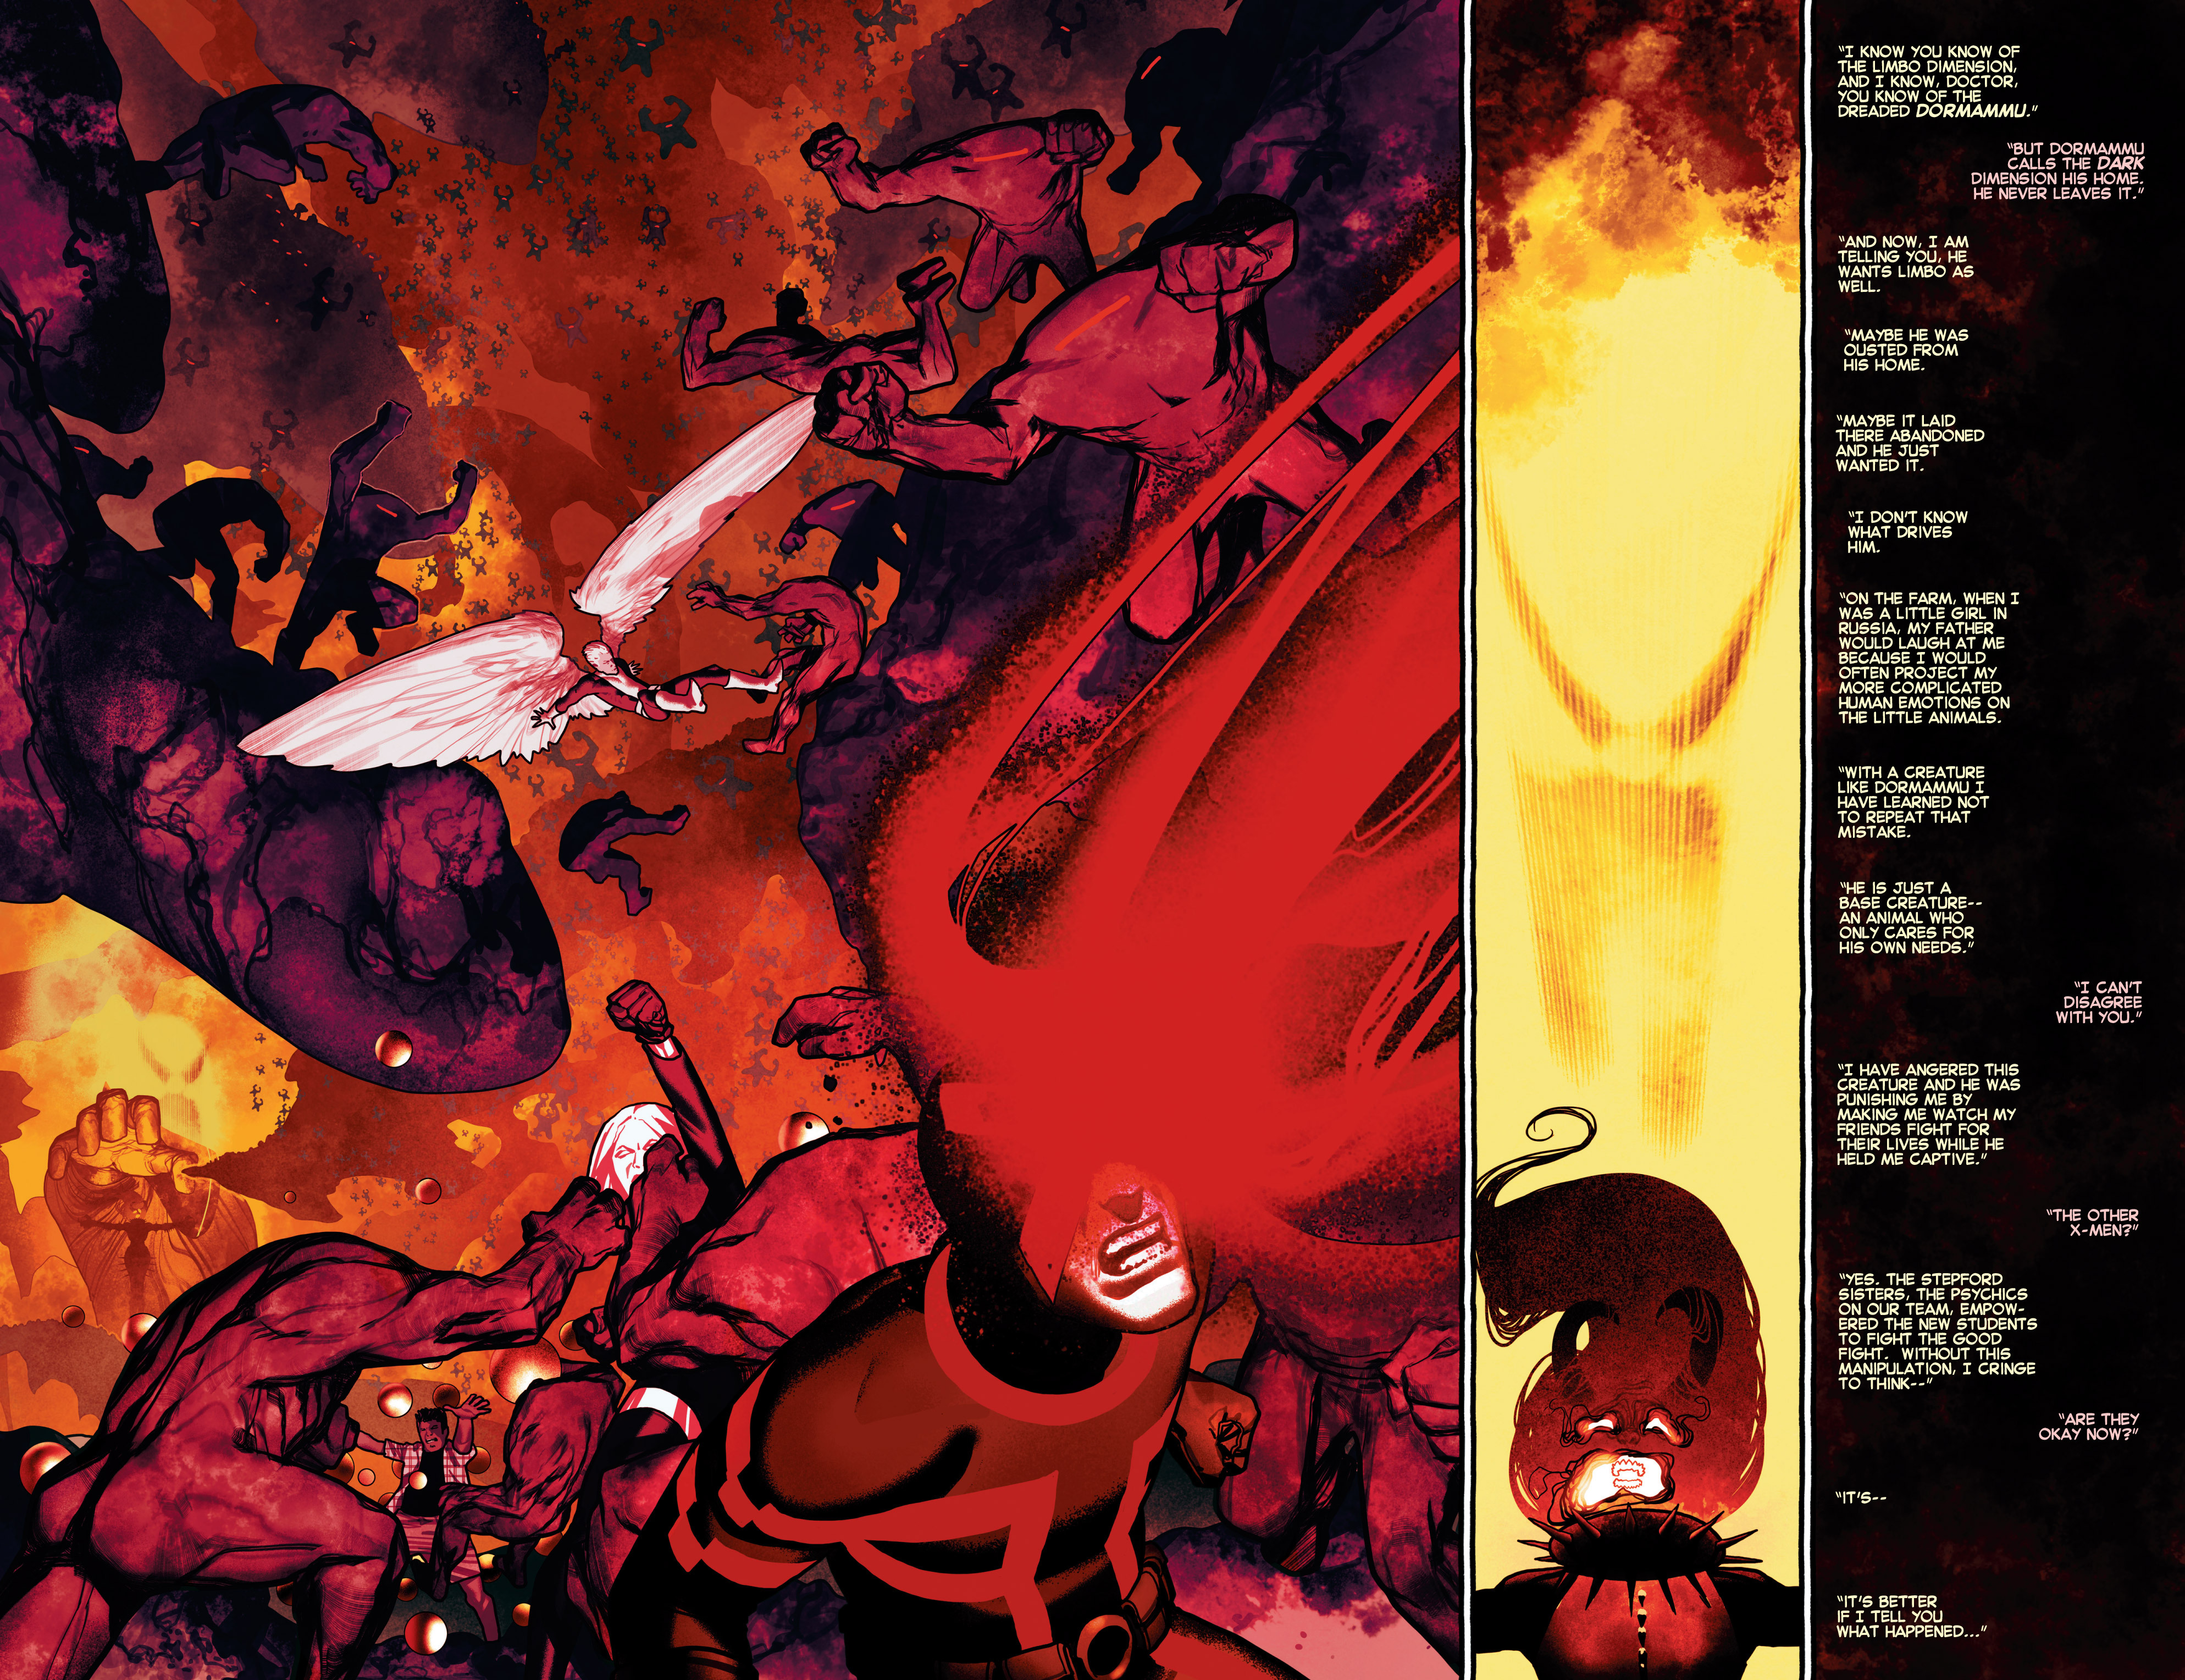 Read online Uncanny X-Men (2013) comic -  Issue # _TPB 2 - Broken - 25